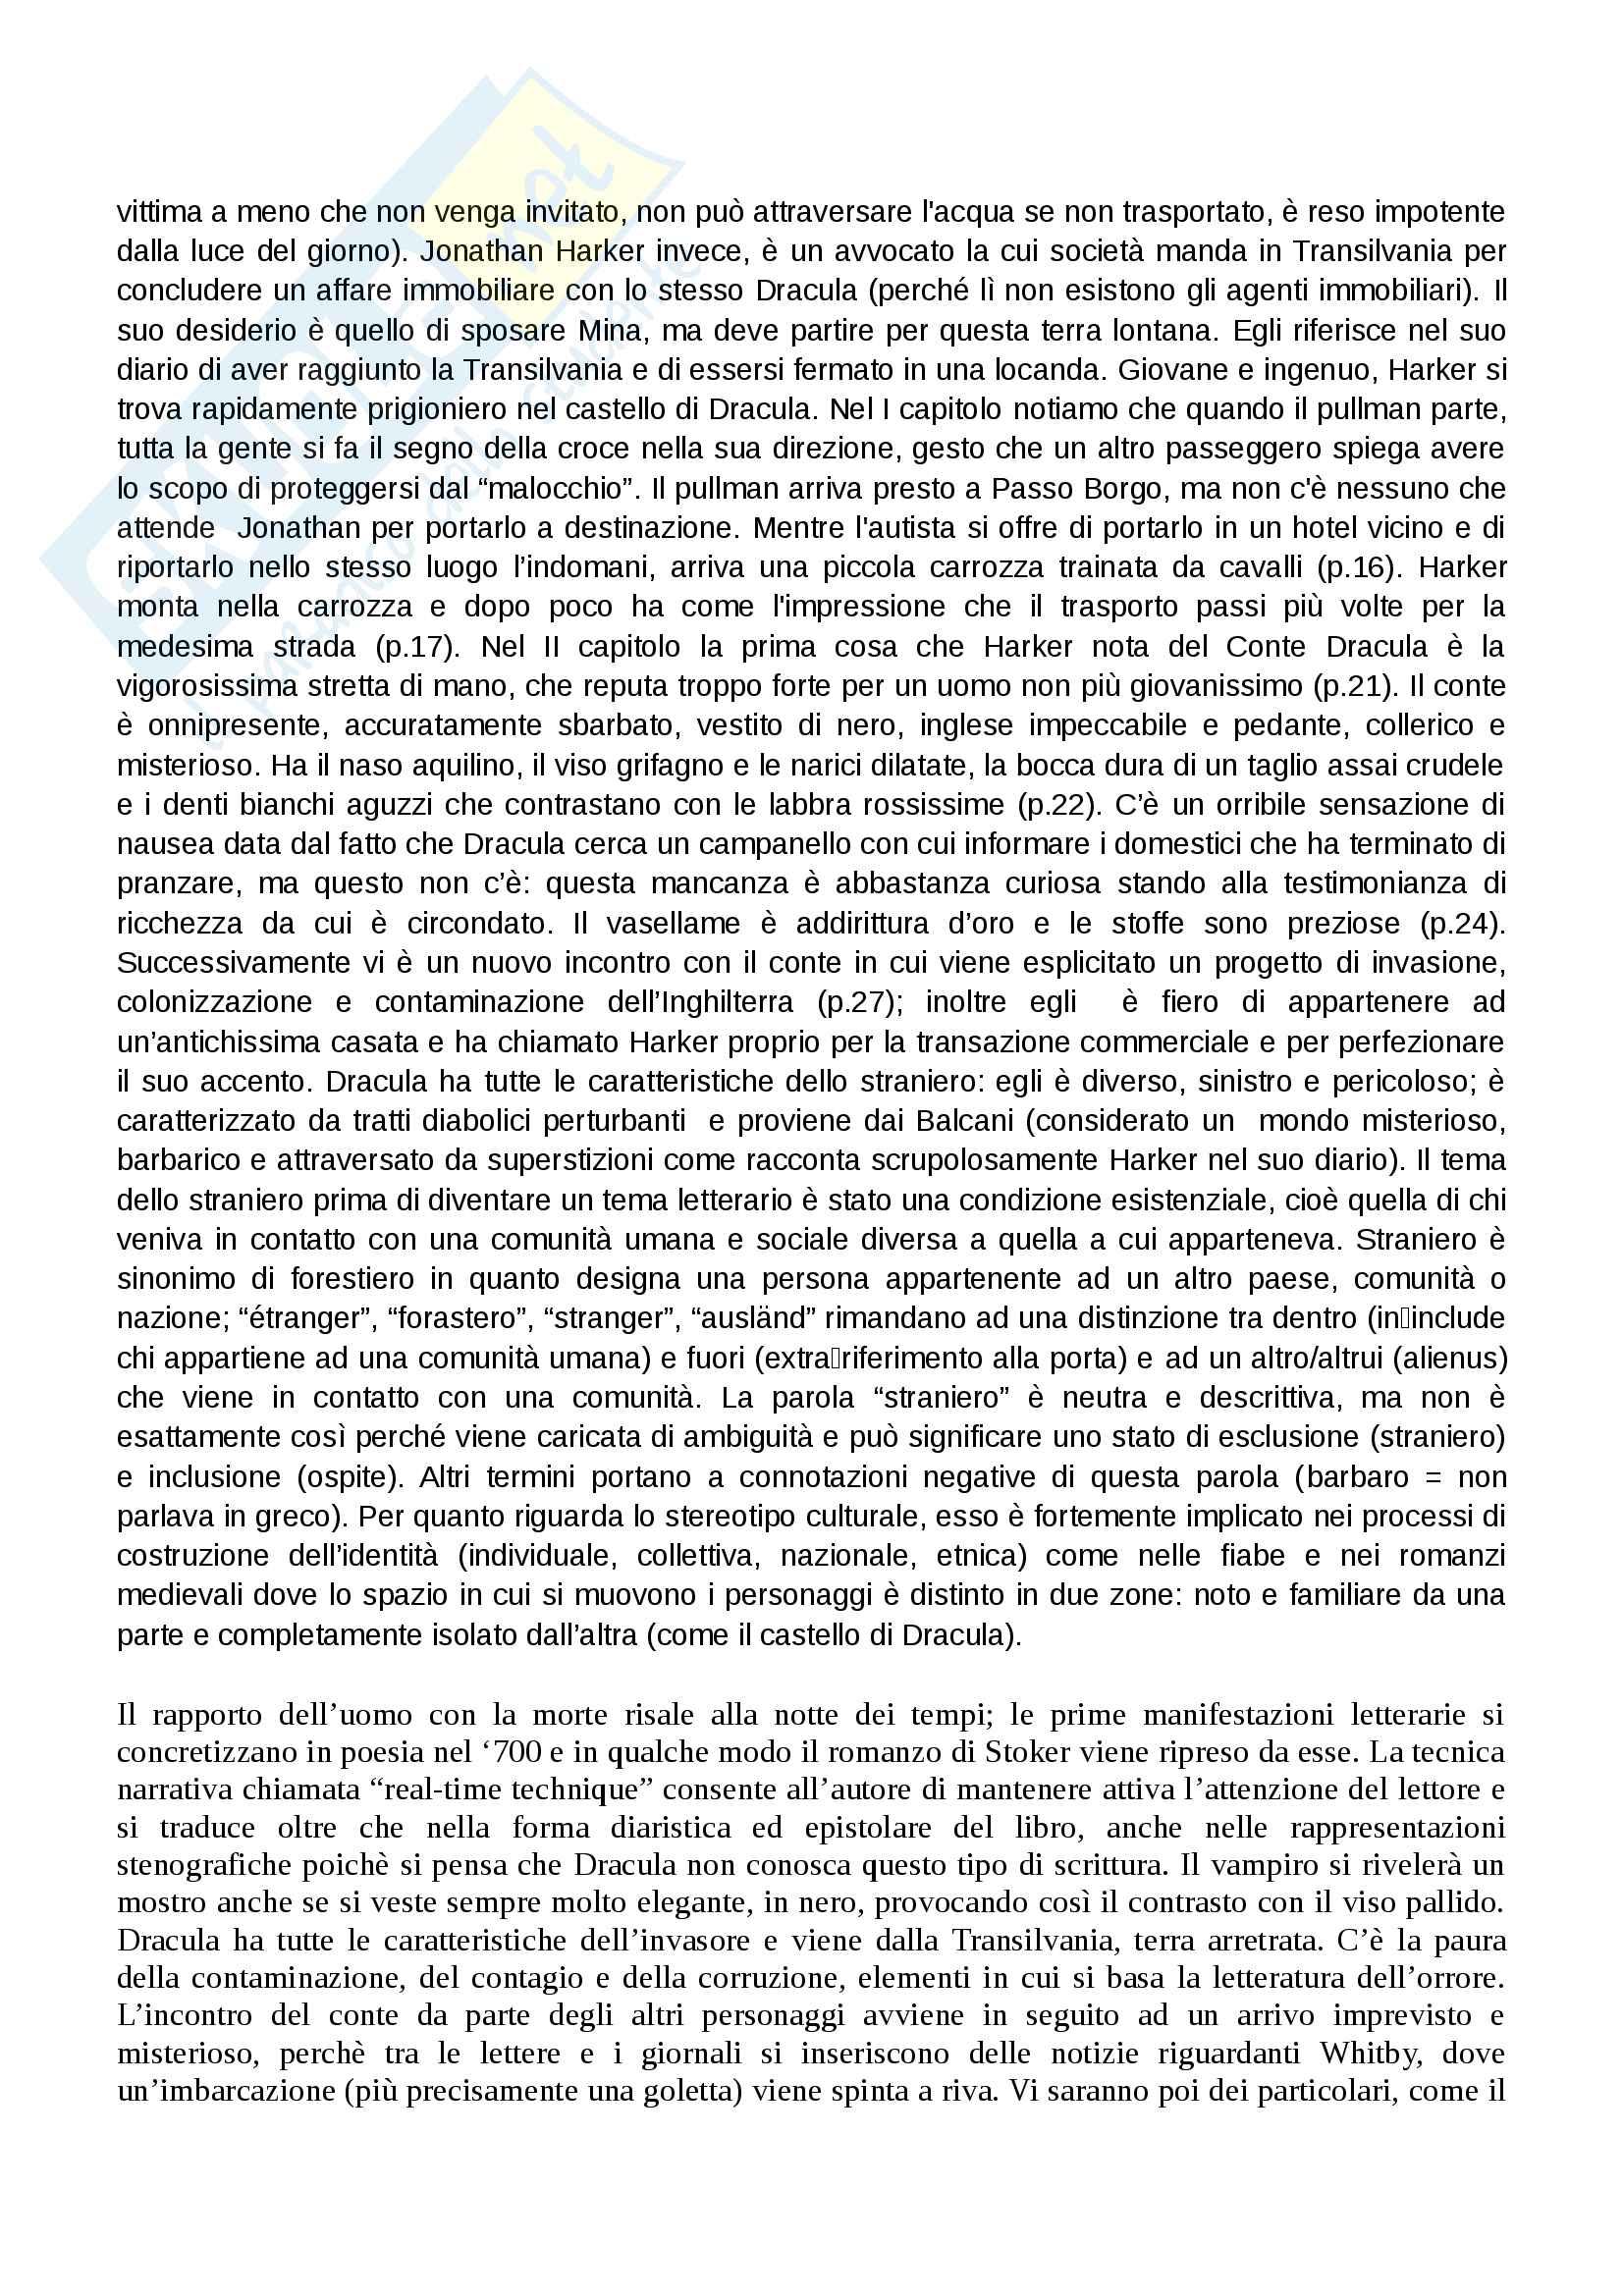 """""""Dracula"""": analisi approfondita del testo e contesto - Letteratura Inglese Pag. 2"""